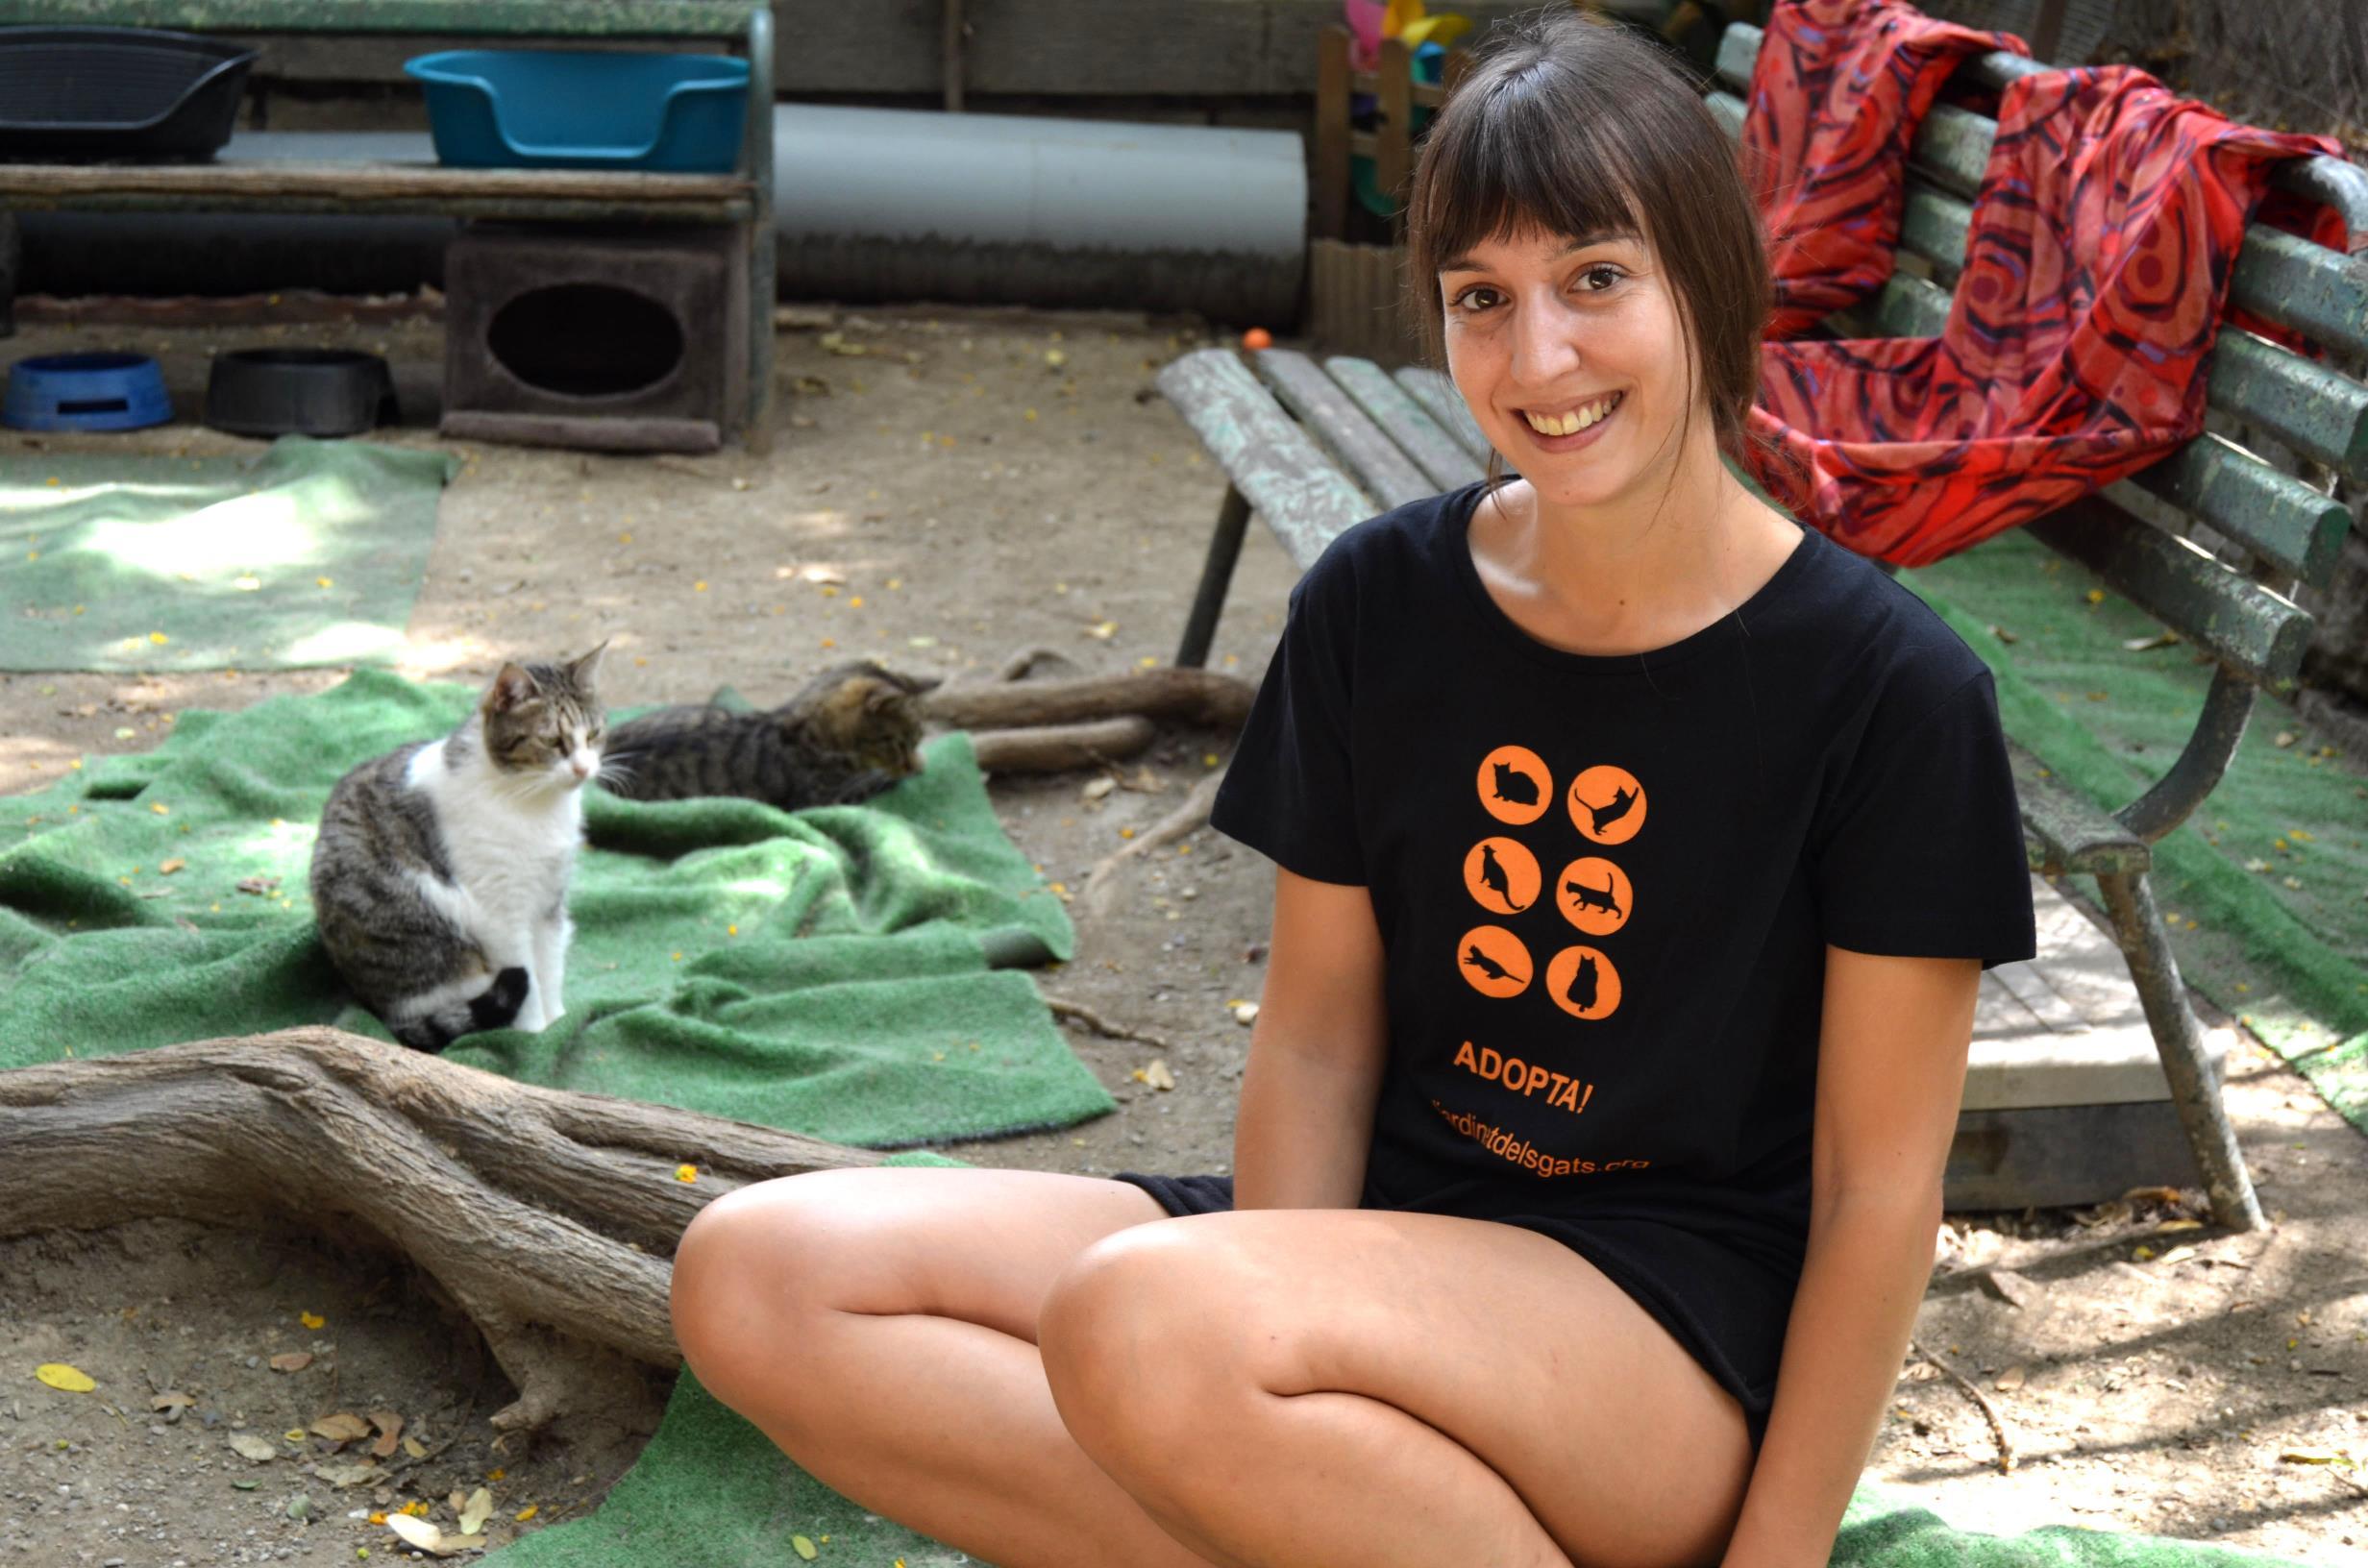 Samarreta adopta, sis logos del Jardinet Image